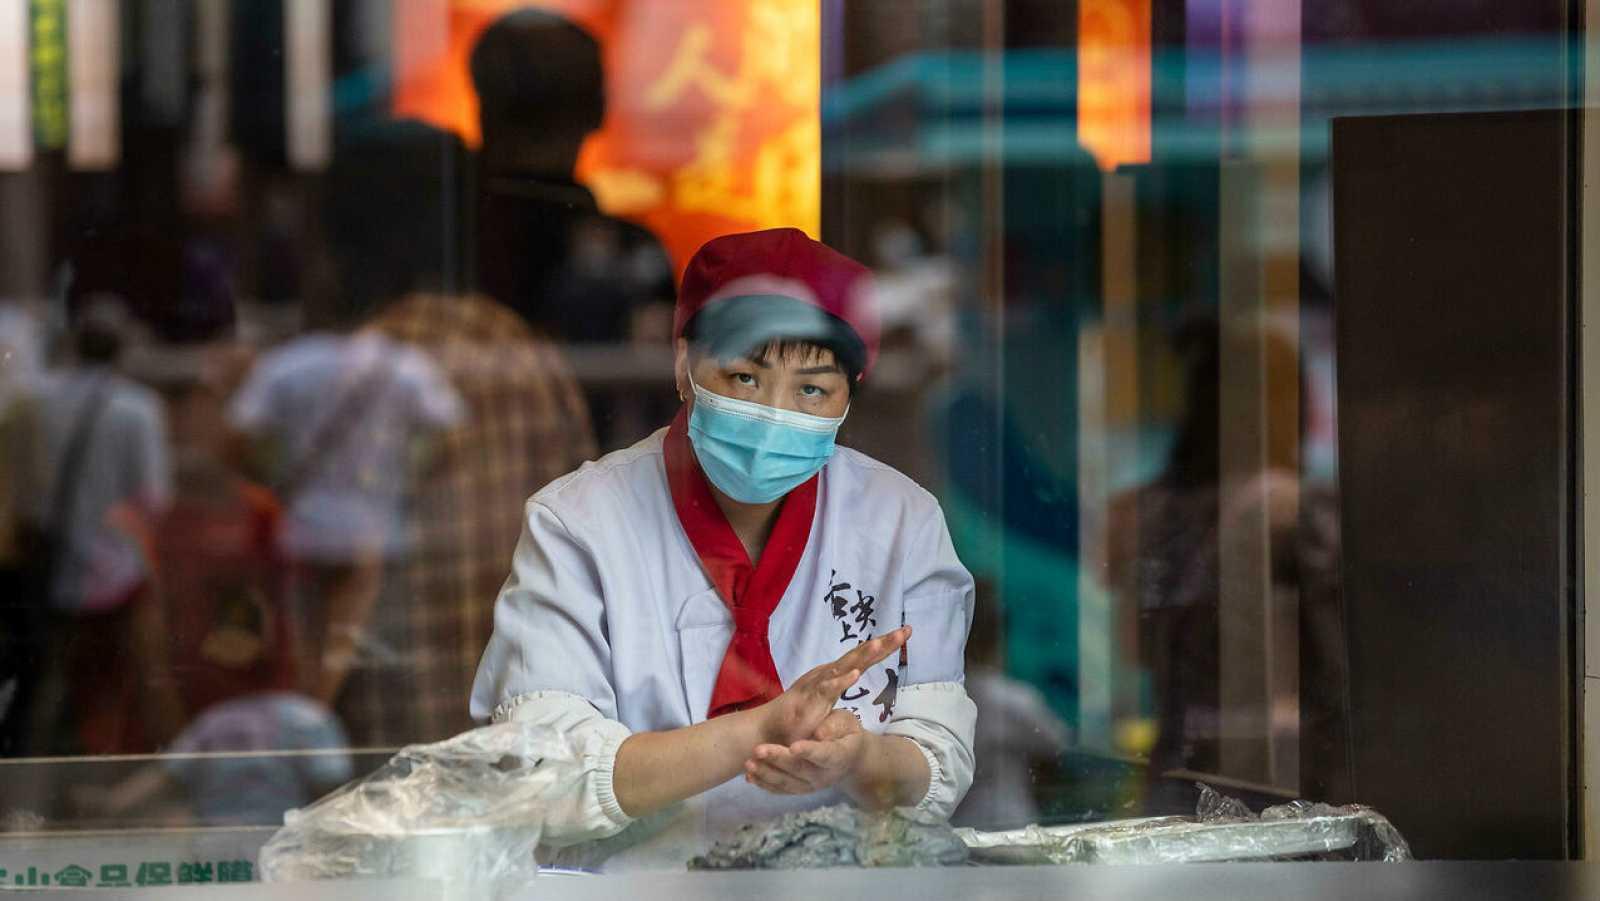 Una mujer con mascarilla hace bolas de masa en un escaparate en Shanghai, China.